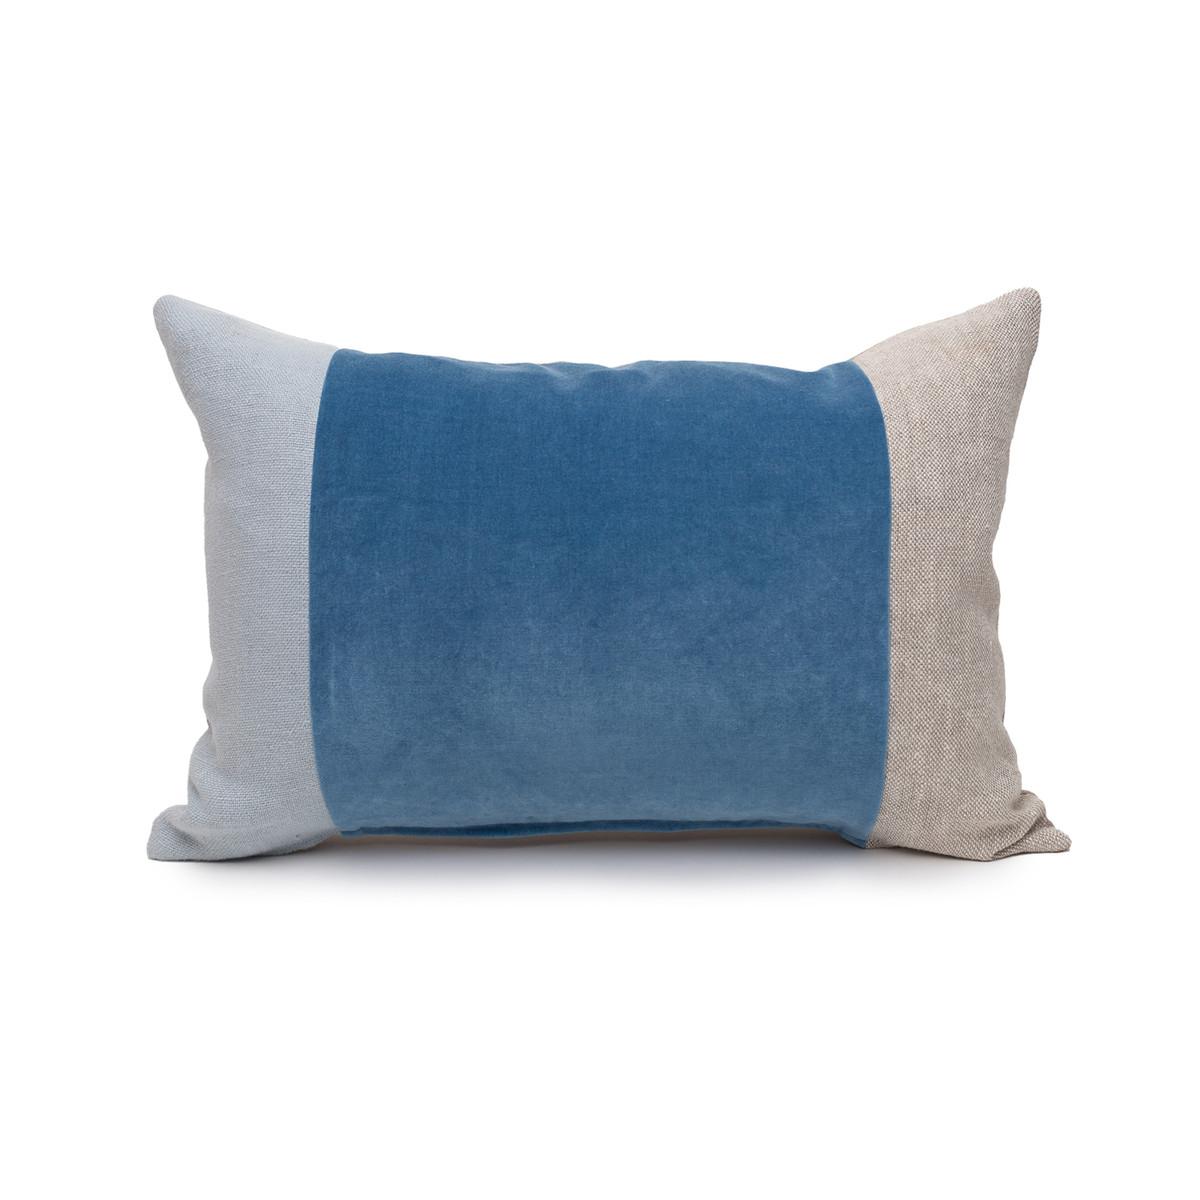 Celine Kyanite Linen Velvet Lumbar Pillow - 14 x 20 Front